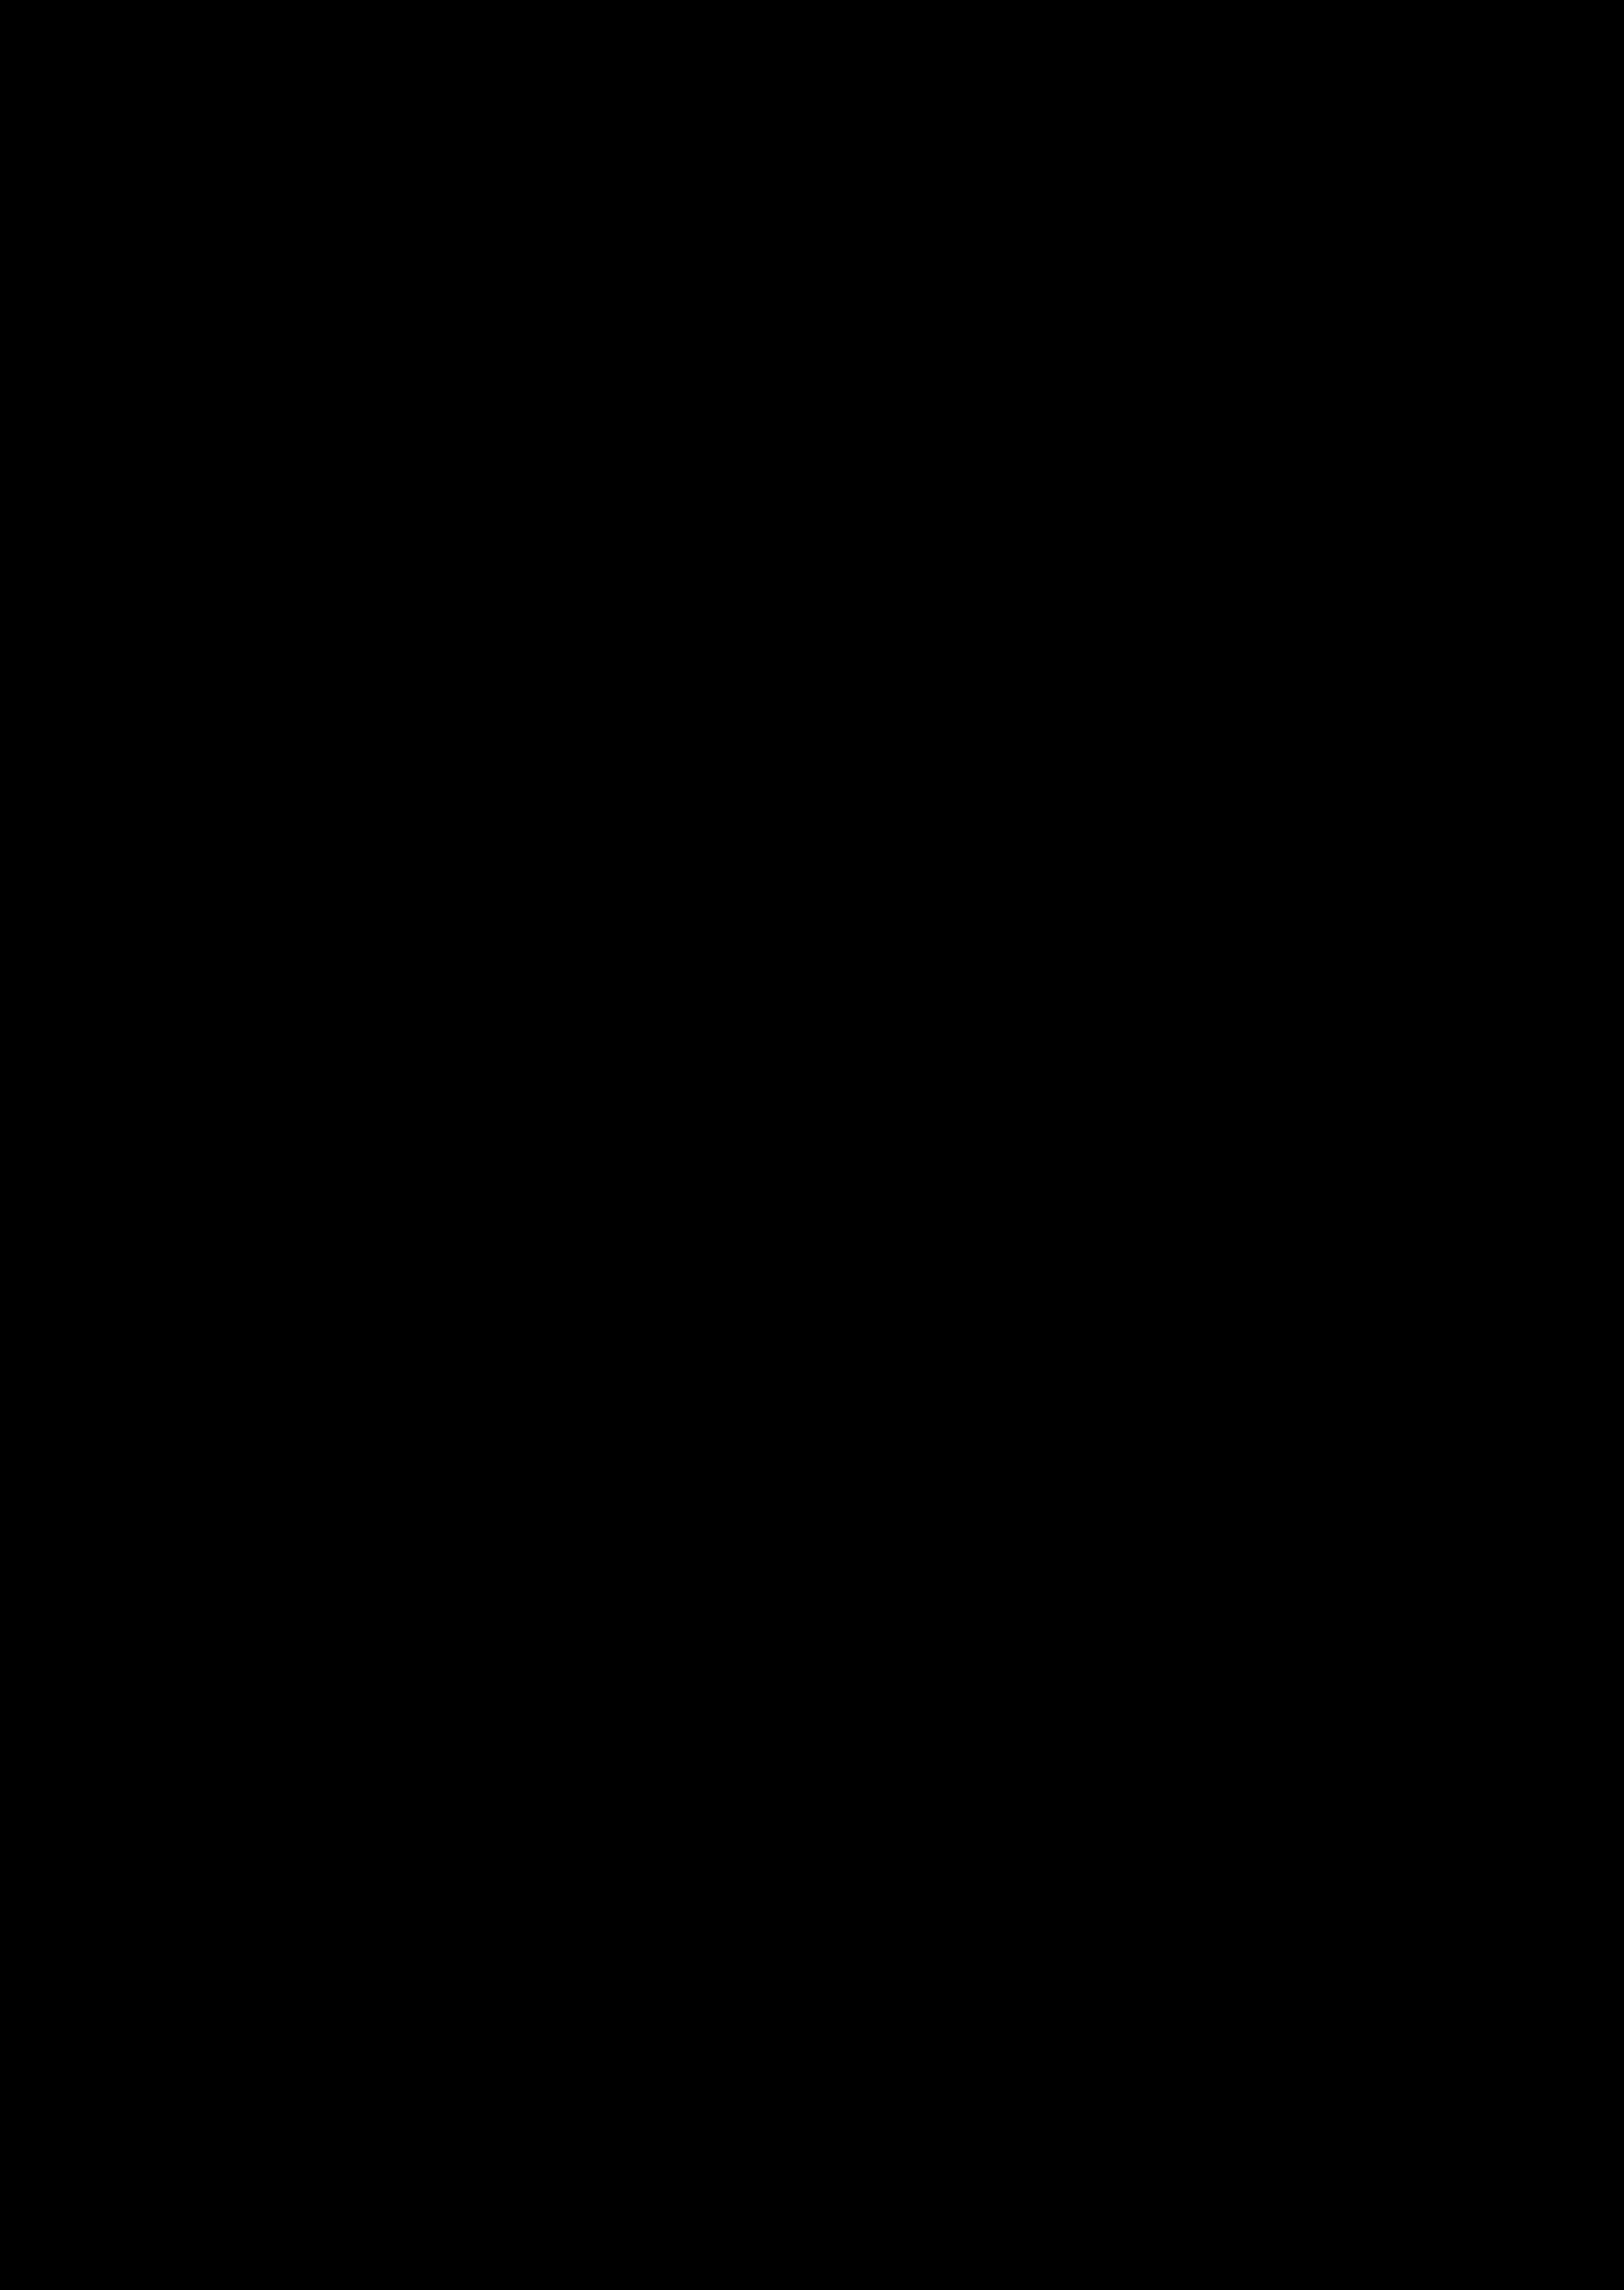 RKG Gala 2020